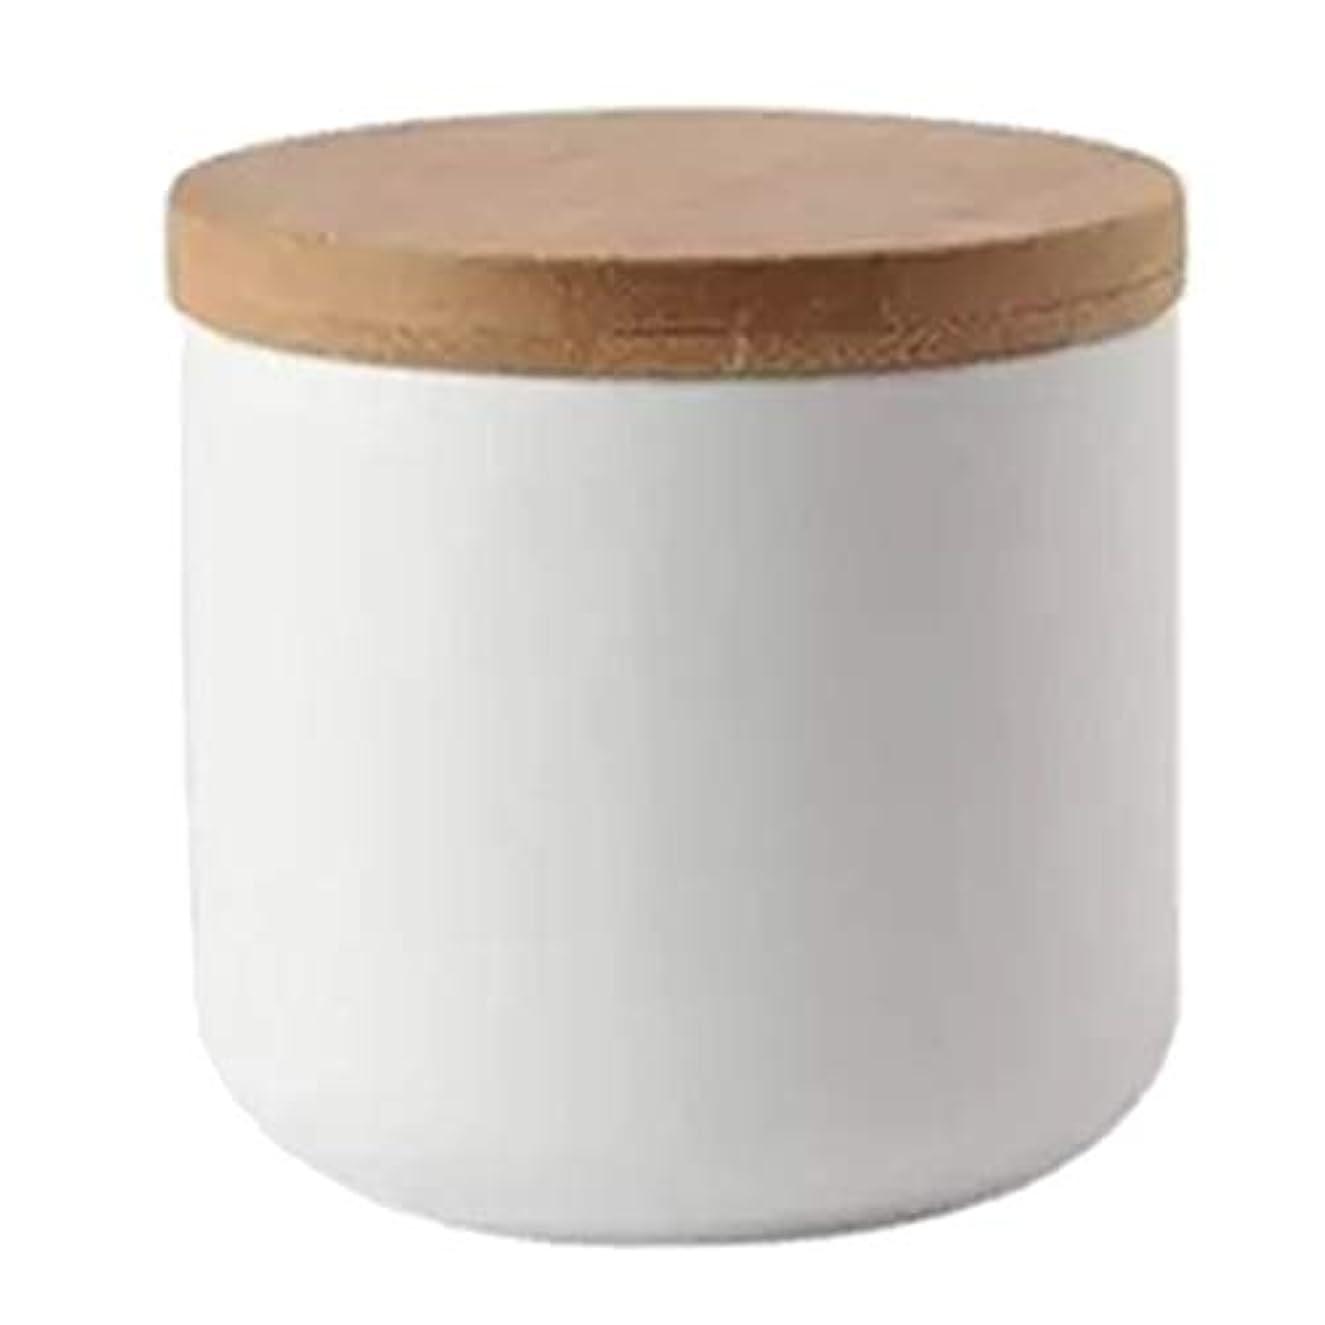 ほこり花婿グローバルT TOOYFUL ネイルリキッドコンテナ ボウル パウダー ドライグッズ ルーズティーリーフ 化粧品 収納ポット 全2色 - 白い